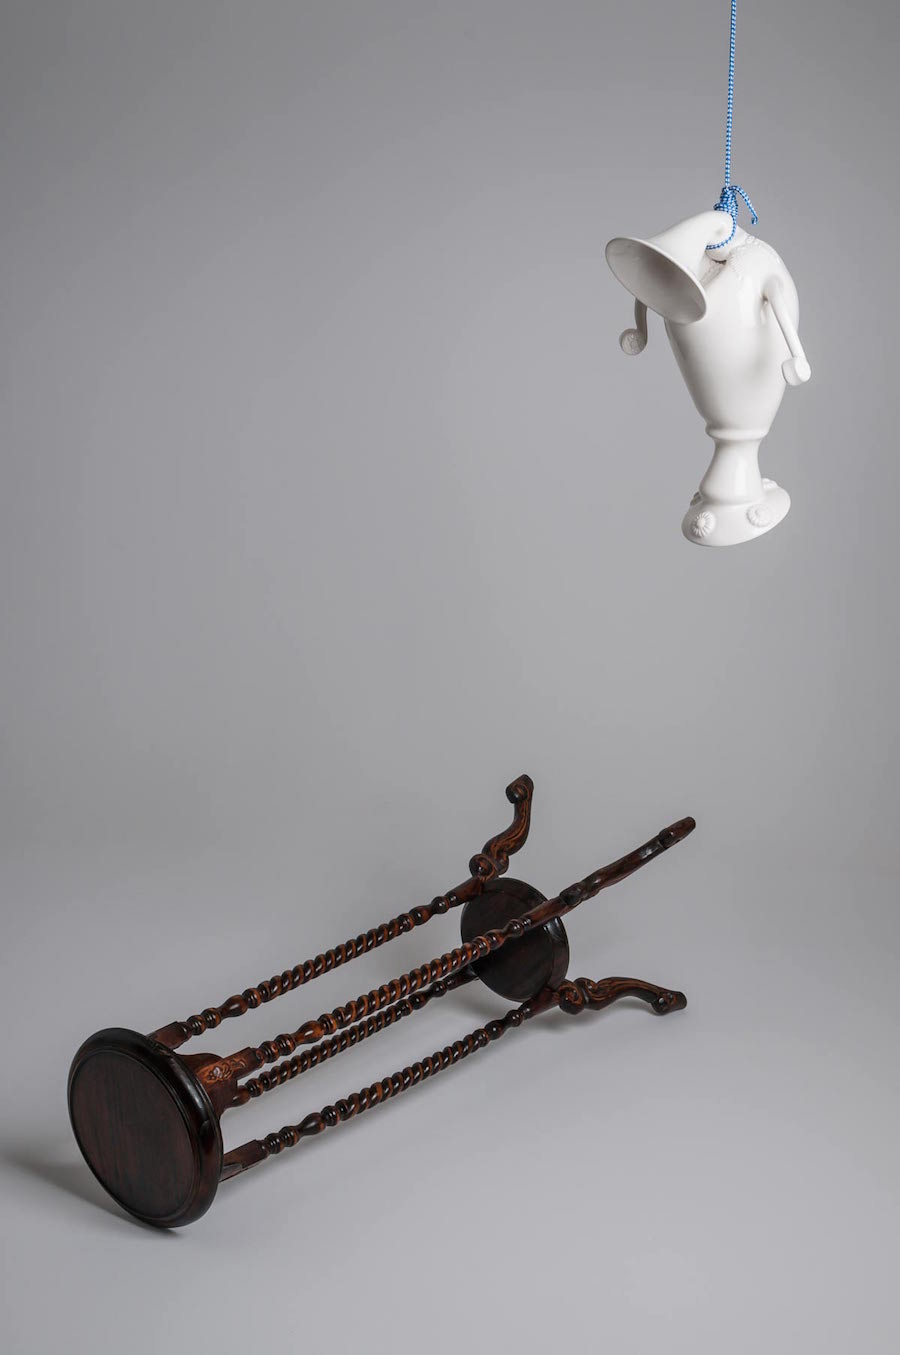 scultura-vasi-porcellana-incidenti-bizzarri-laurent-craste-08